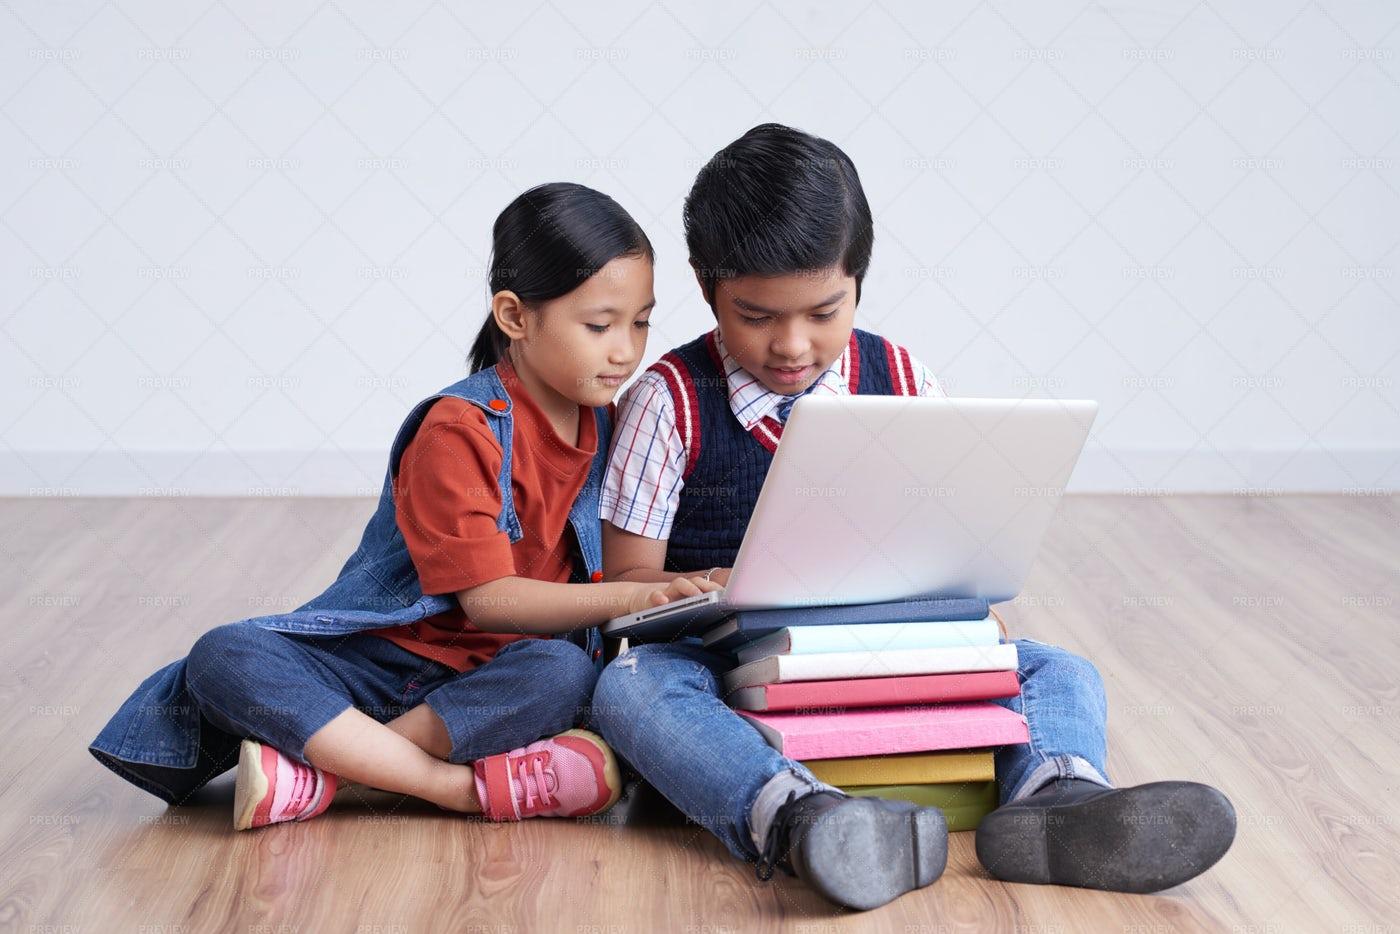 Bên cạnh các công cụ học tập truyền thống, các dụng cụ trực tuyến ngày càng được áp dụng phổ biến